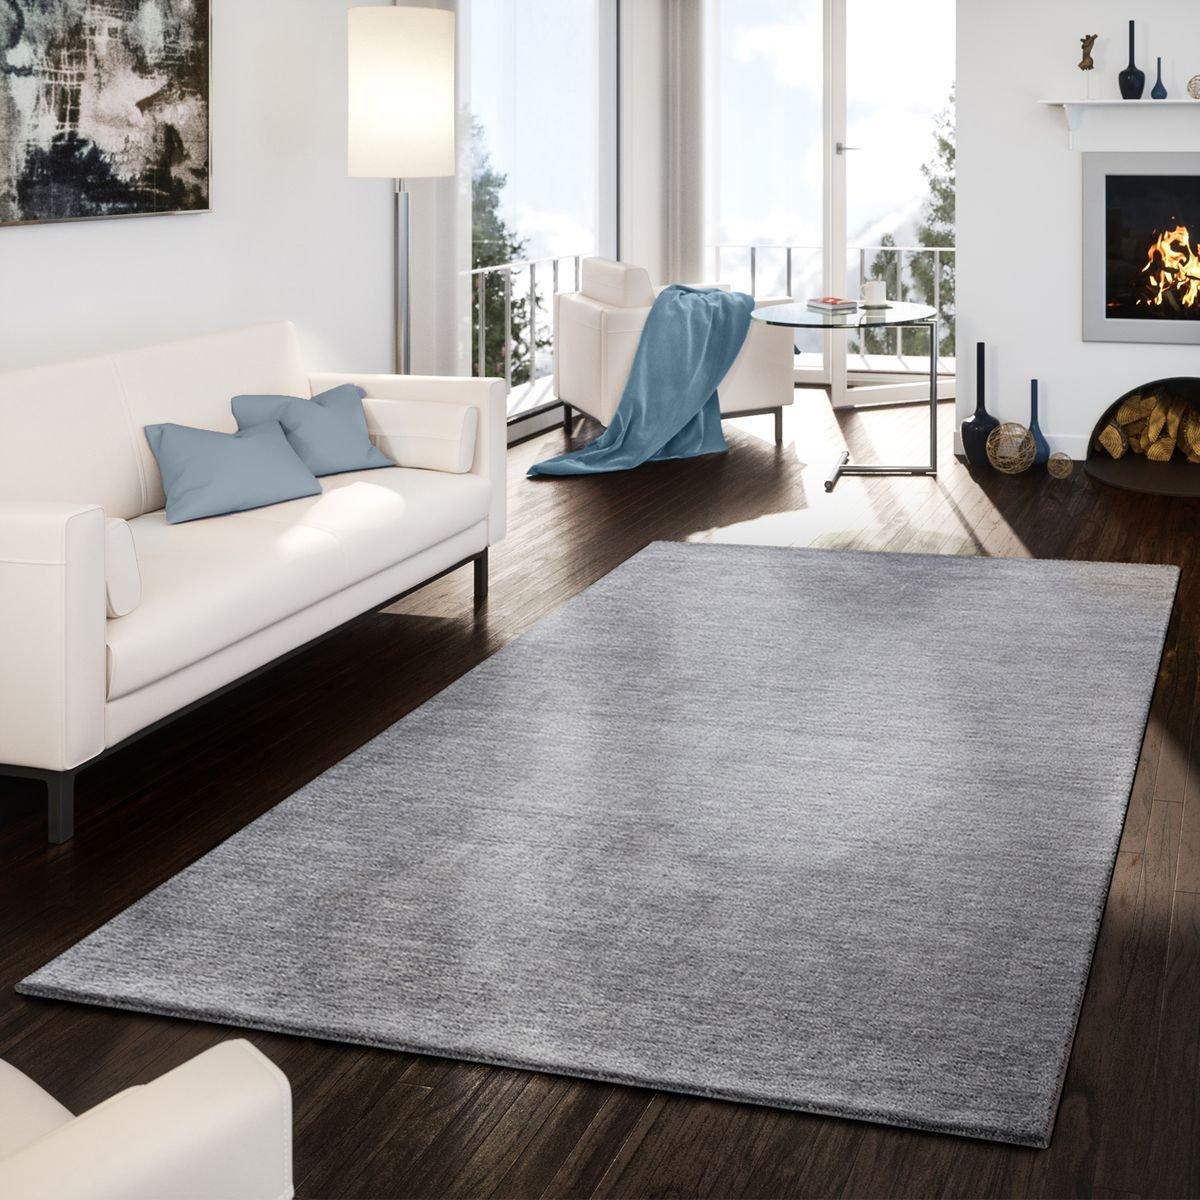 T&T Design Teppich Handgemacht Modern Edel Gabbeh Schlicht Leicht Meliert In Grau, Größe 160x230 cm